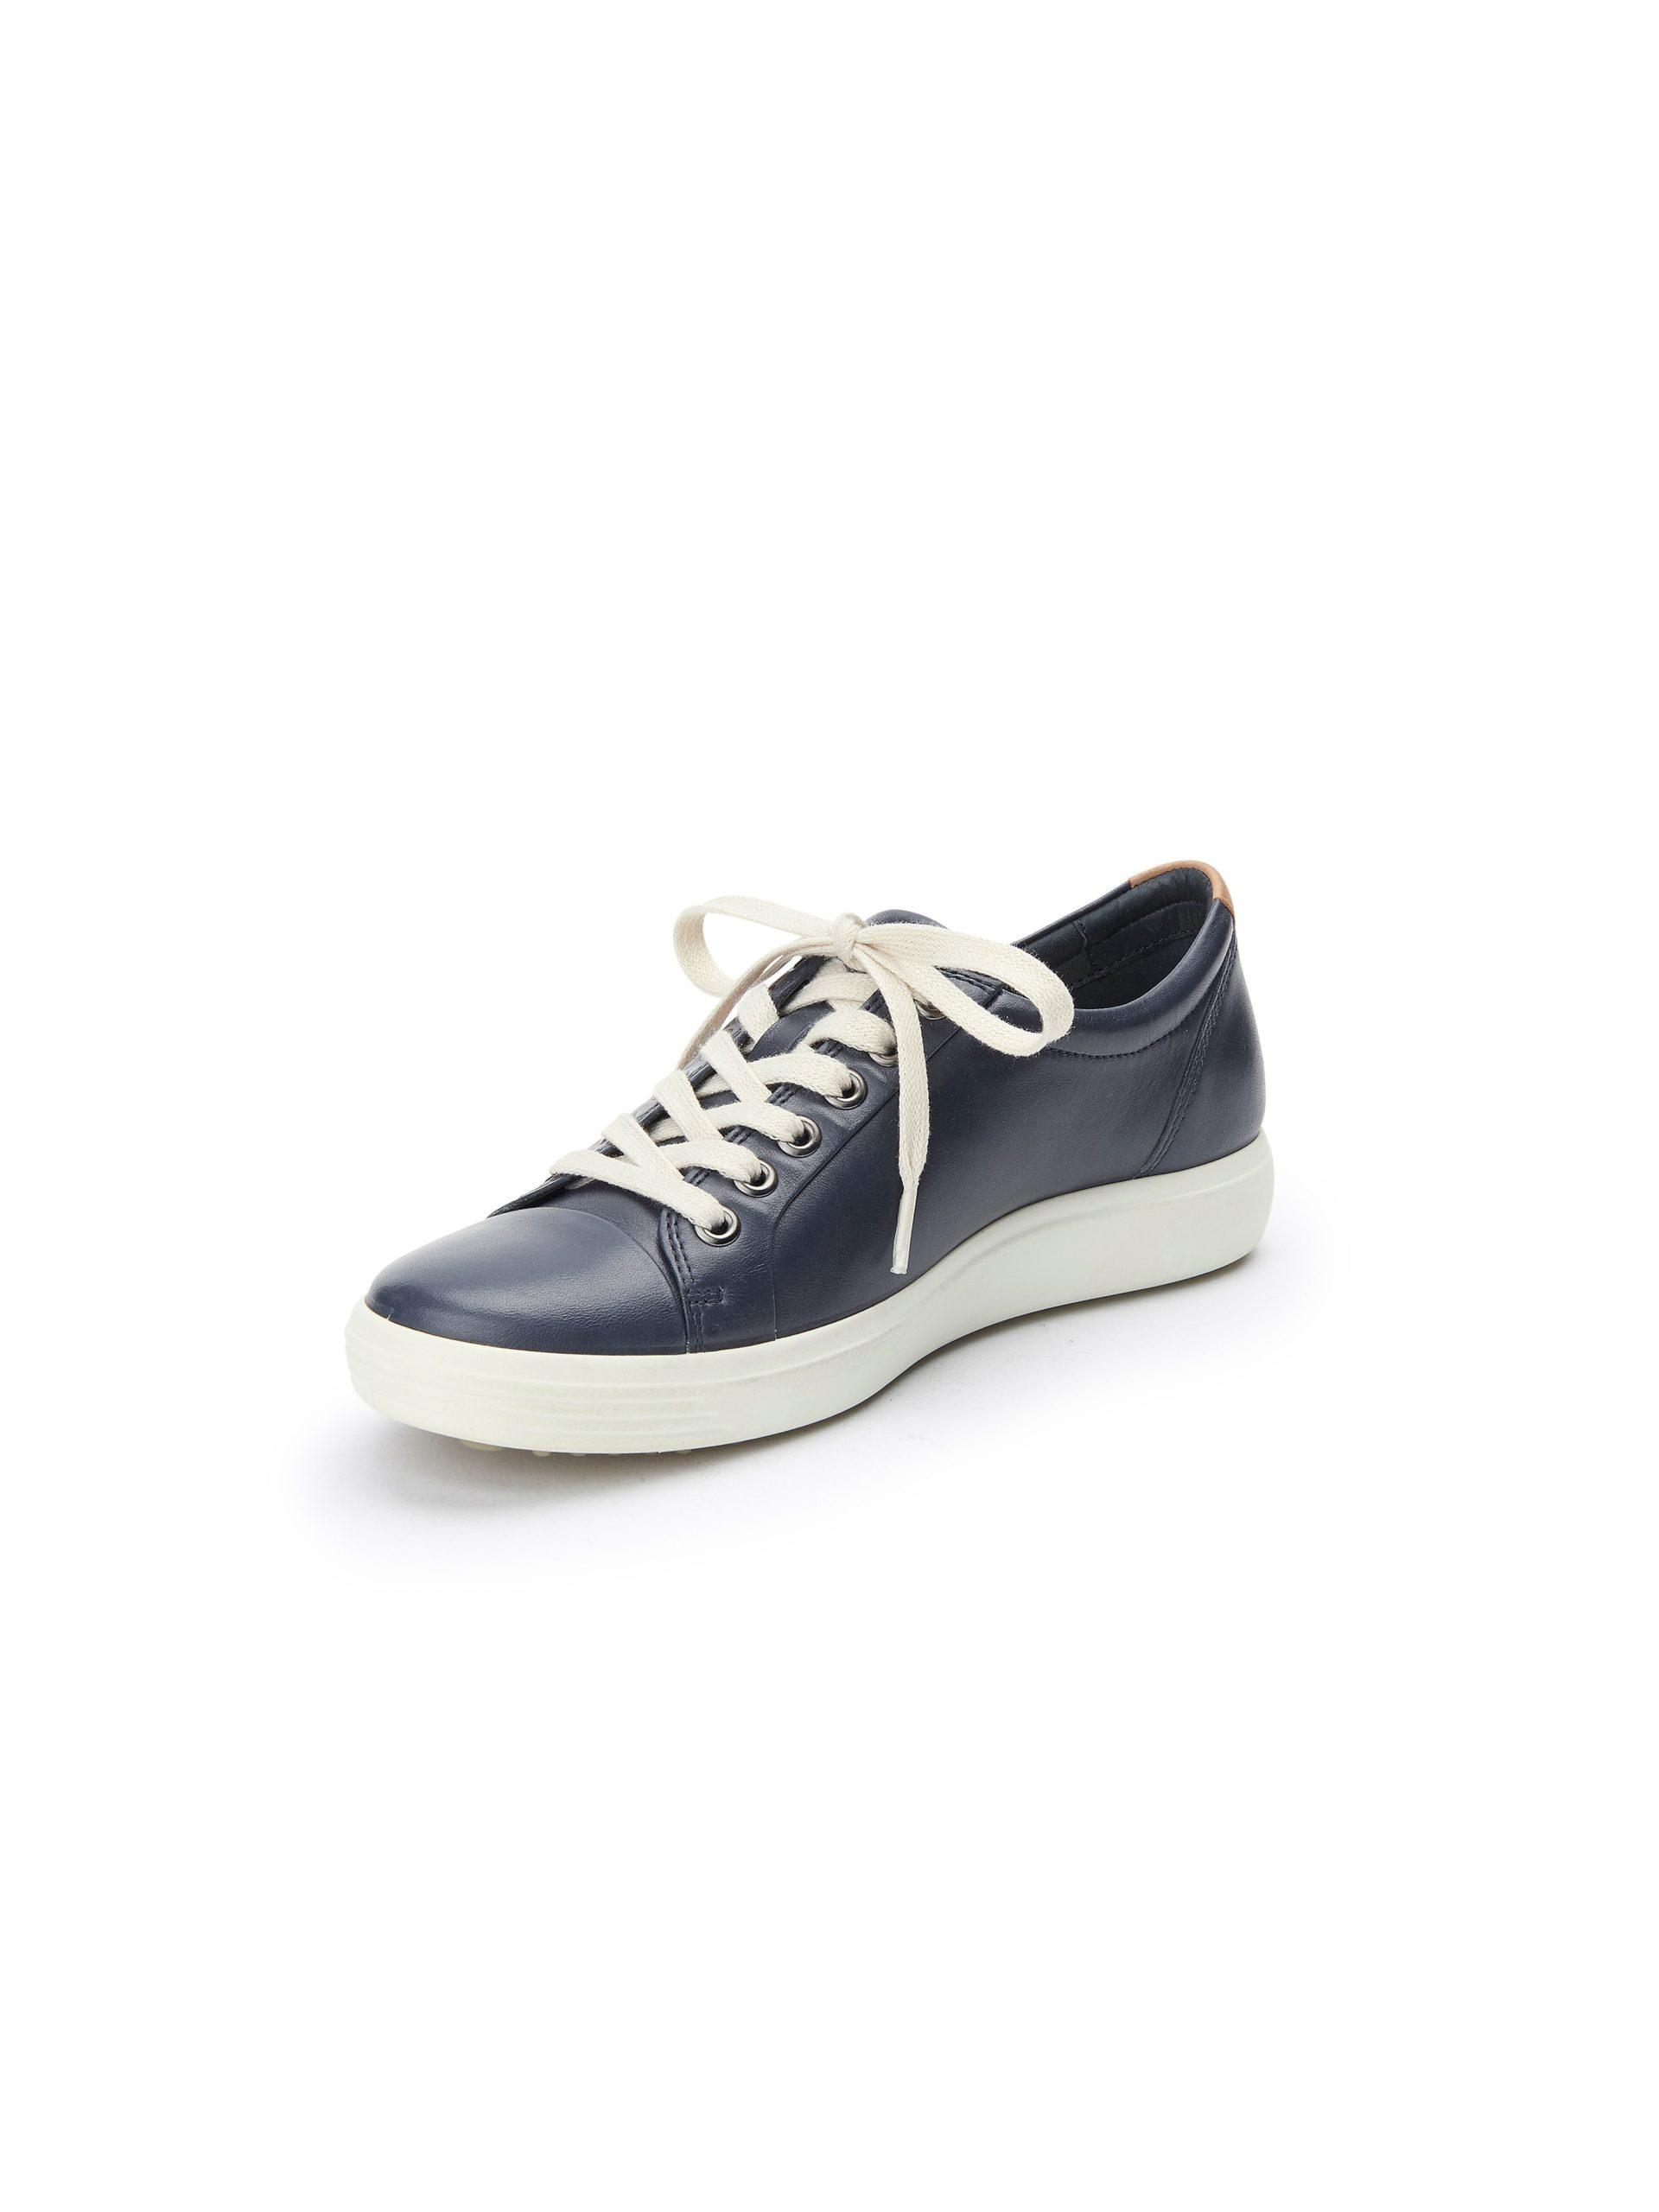 Sneakers model Soft 7 Van Ecco blauw Kopen